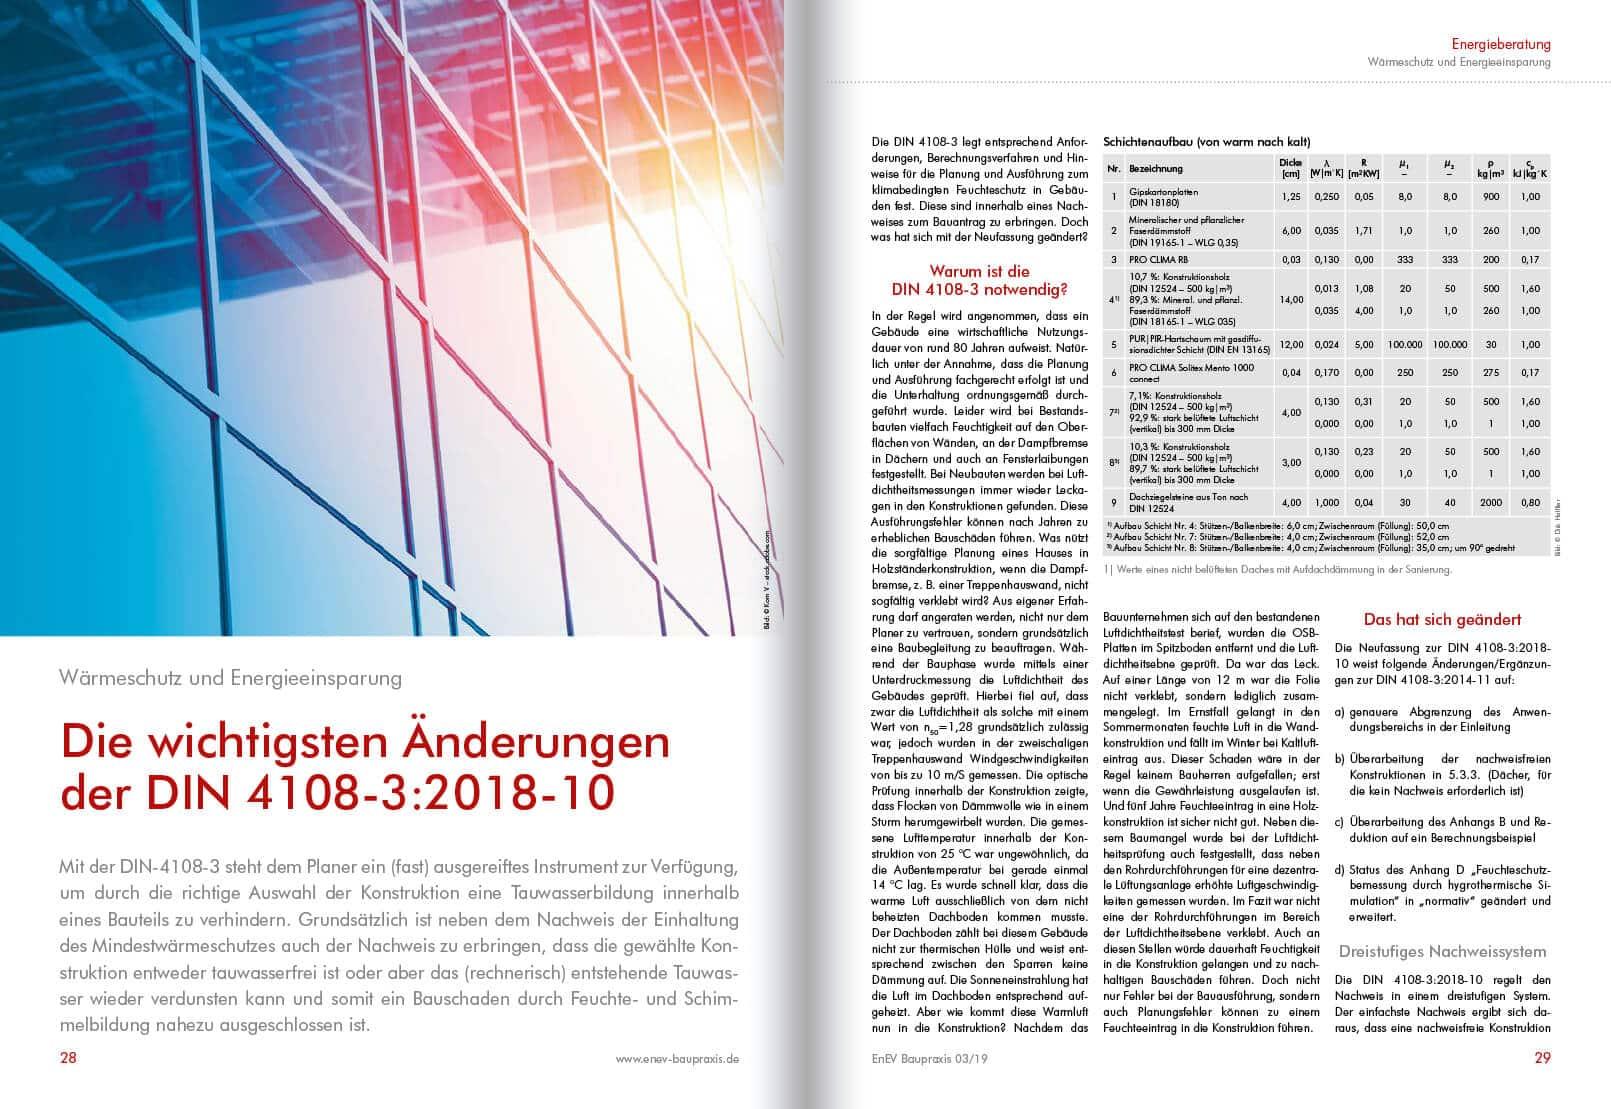 Die wichtigsten Änderungen der DIN 4108 1